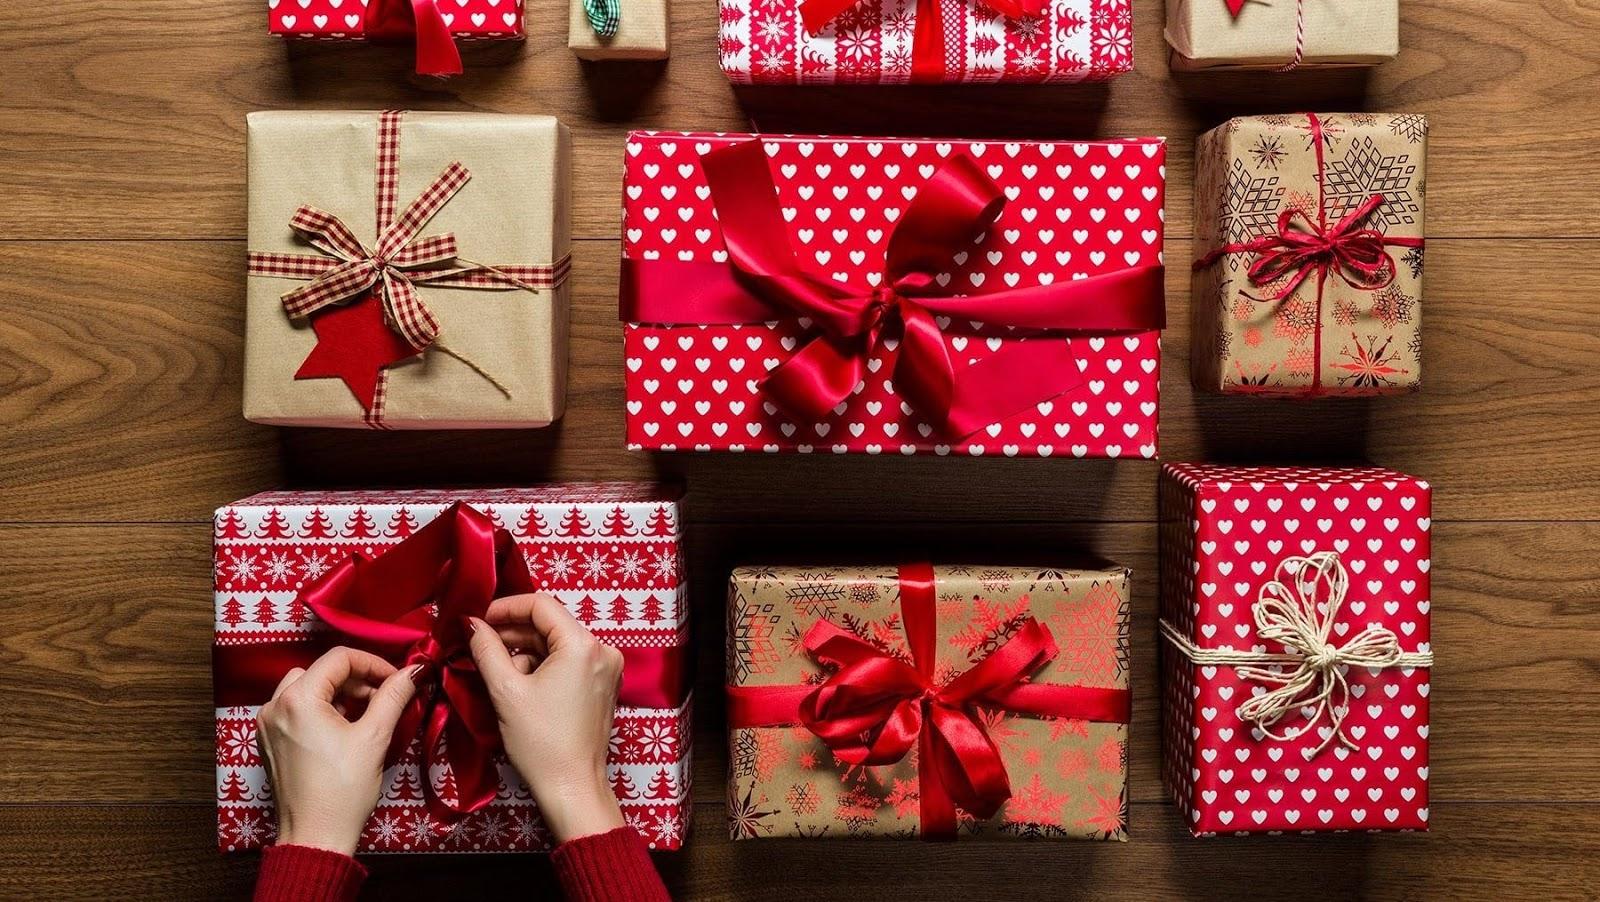 هدية عيد ميلاد,هدية الذهب في المنام,هدية الورد في المنام,هدية بالانجليزي,هدية عيد الحب,هدية في المنام,هدية اسوارة في المنام,هدية الميت في المنام,هدية anniversary,هدية arti,هدية atm,هدية meaning in arabic,هدايا artinya,هدية بحرف a,هدايا anniversary,هدايا a71,هدية ا,هدية png,هديه png,هدية box,هدية birthday,هدية boxes,هدية bebe,هدايا bts,هدايا box,هدية clipart,cadeau هدية,هديه cadeau,هدية cartoon,هدية creative,هدية candy,هدية cadeaux,هدايا coin master,كهدية,idm download,د هدية السعيد,د هديه عثمان,هدية د,هدية en francais,هدية en anglais,هدية en arabe,هديه en arabe,هدية meaning in english,هدية in english,هدية الجمعة orange et moi,هدية مميزة in english,هدية francais,هدية fortnite,هدية free,هدايا free fire,هدايا facebook,هدايا fortnite,هدايا fb,هدايا fe,هدية في الحلم,هدية ف,هدية في الخطوبة,هدية في عيد,هدية gif,هدية google,هديه glc,هدايا glc,هدايا google play,هدايا galaxy,هدايا gif,هدايا game of thrones,هدية ج,هوية الامارات,ه هدية,هدية inwi,هدية iphone,هدية iphone 11,هدية ipad,هديه in kuwait,plural of هدية in arabic,هدايا inwi,يا هدية,هدايا joy,jamak هدية,هدايا jumia,هدايا jojoo,هدايا jojo,هديه kado,هدايا klue,كود هدية king of avalon,هدايا kpop,الهدية kuwait,هديه ك,هدية حرف k,هدية lol,هدية logo,هدية لزميل,هدية ل حبيبي,هديه لامي,هدية ل حبيبتي,هديه لصديقتي,هديه ل ام زوجي,هدية ل امي,هدية ل صديق,هدية لخطيبي,هدية ل حماتي,هدية ل رجل,هدية meaning,هدية my orange,هدية my etisalat,هديه mp3,هدية mbc,هديه my orange,م هدية,هدية m,هدية netflix,هدايا near me,رمز هدية netflix,رمز هدية netflix وهمي,كود هدية netflix,هدية redmi note 8 pro,هدايا nova 7i,هدايا new year,ن هدية,هدية n,هدية orange يوم الجمعة,هدية orange,هديه online,هدية osn,plural of هدية,هدايا oppo reno 2f,هدية psd,pronounce هدية,هدية المهدي pdf,هدية المستفيد pdf,هدايا png,الهدية pdf,present هدية,ب هدية,هدية ب 50 جنيه,هدية ب 100 جنيه,هدية ب 20 جنيه,هدية ب 100 ريال,هدية ب ٢٠٠ ريال,هدية ب 50 ريال,qcharity هدية,هديه ق ٤,هديه ق 2,هدية ق,هدية regalo,هدايا reno 3,كود هدية rise of kingdoms,كود هدية rise of kingdoms 2020,هدايا rise of ki